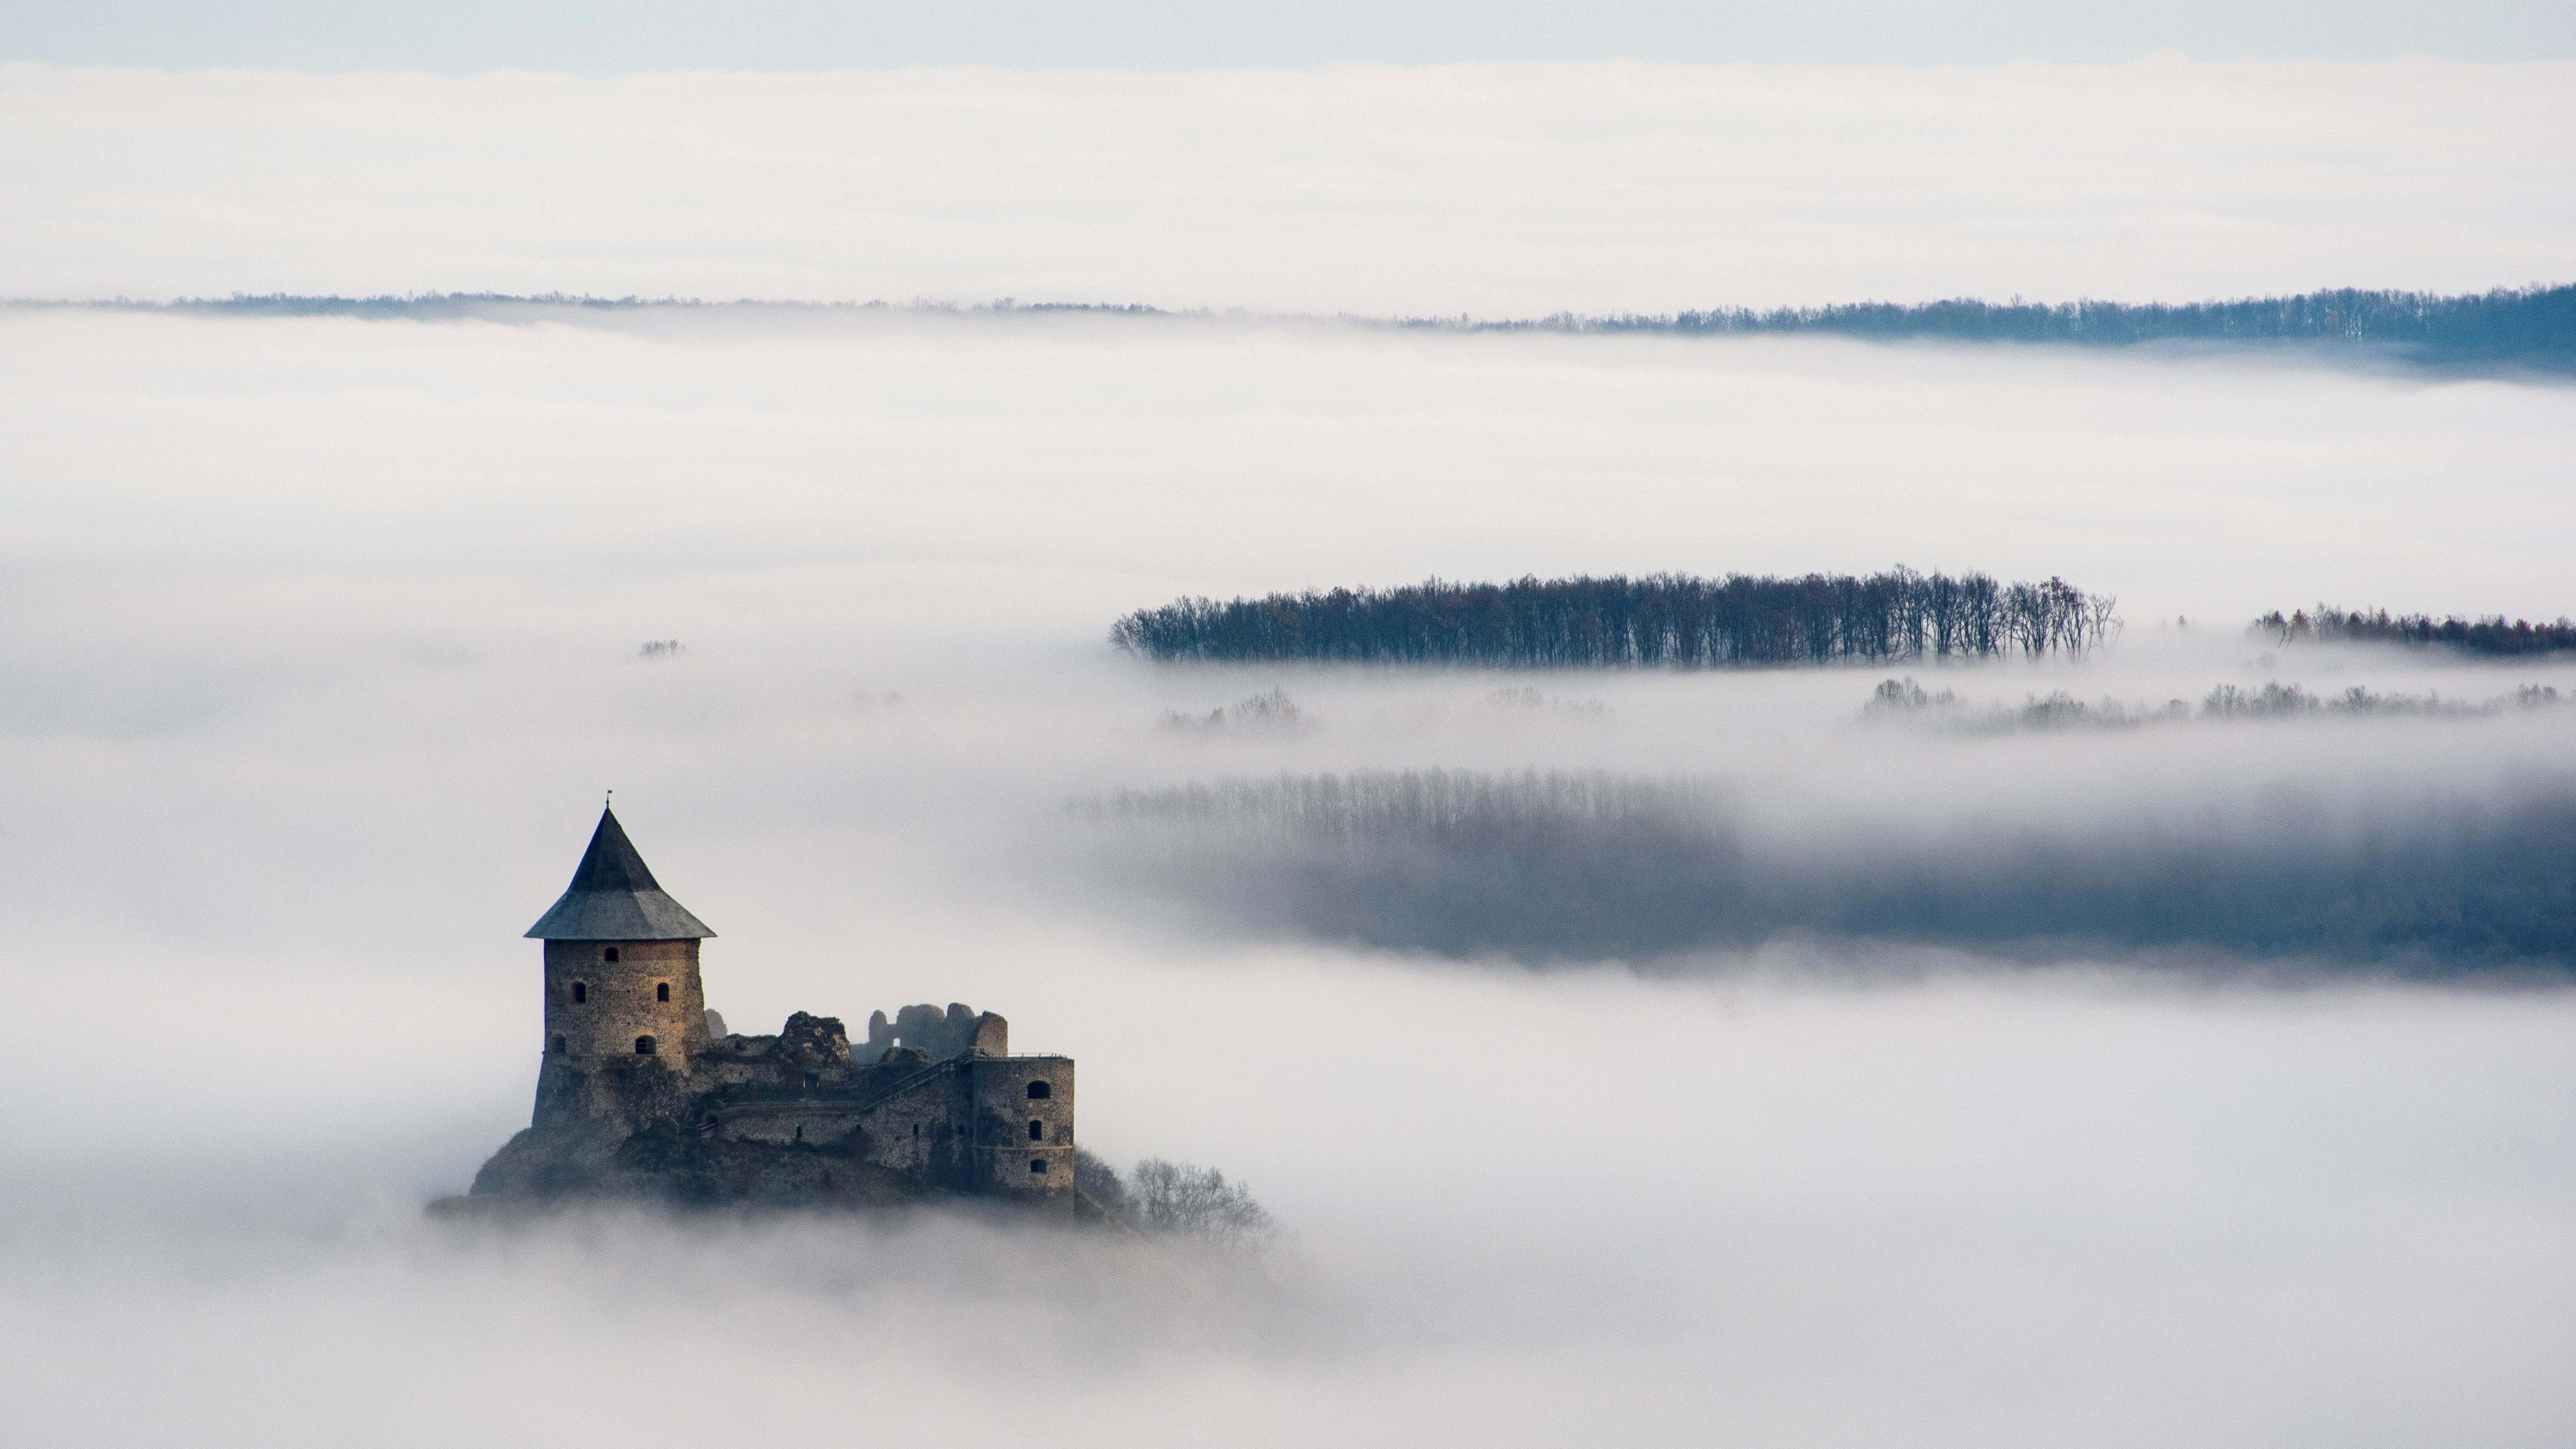 A somoskői vár látszik a reggeli köd felett Salgótarján közeléből fotózva 2020. november 24-én.